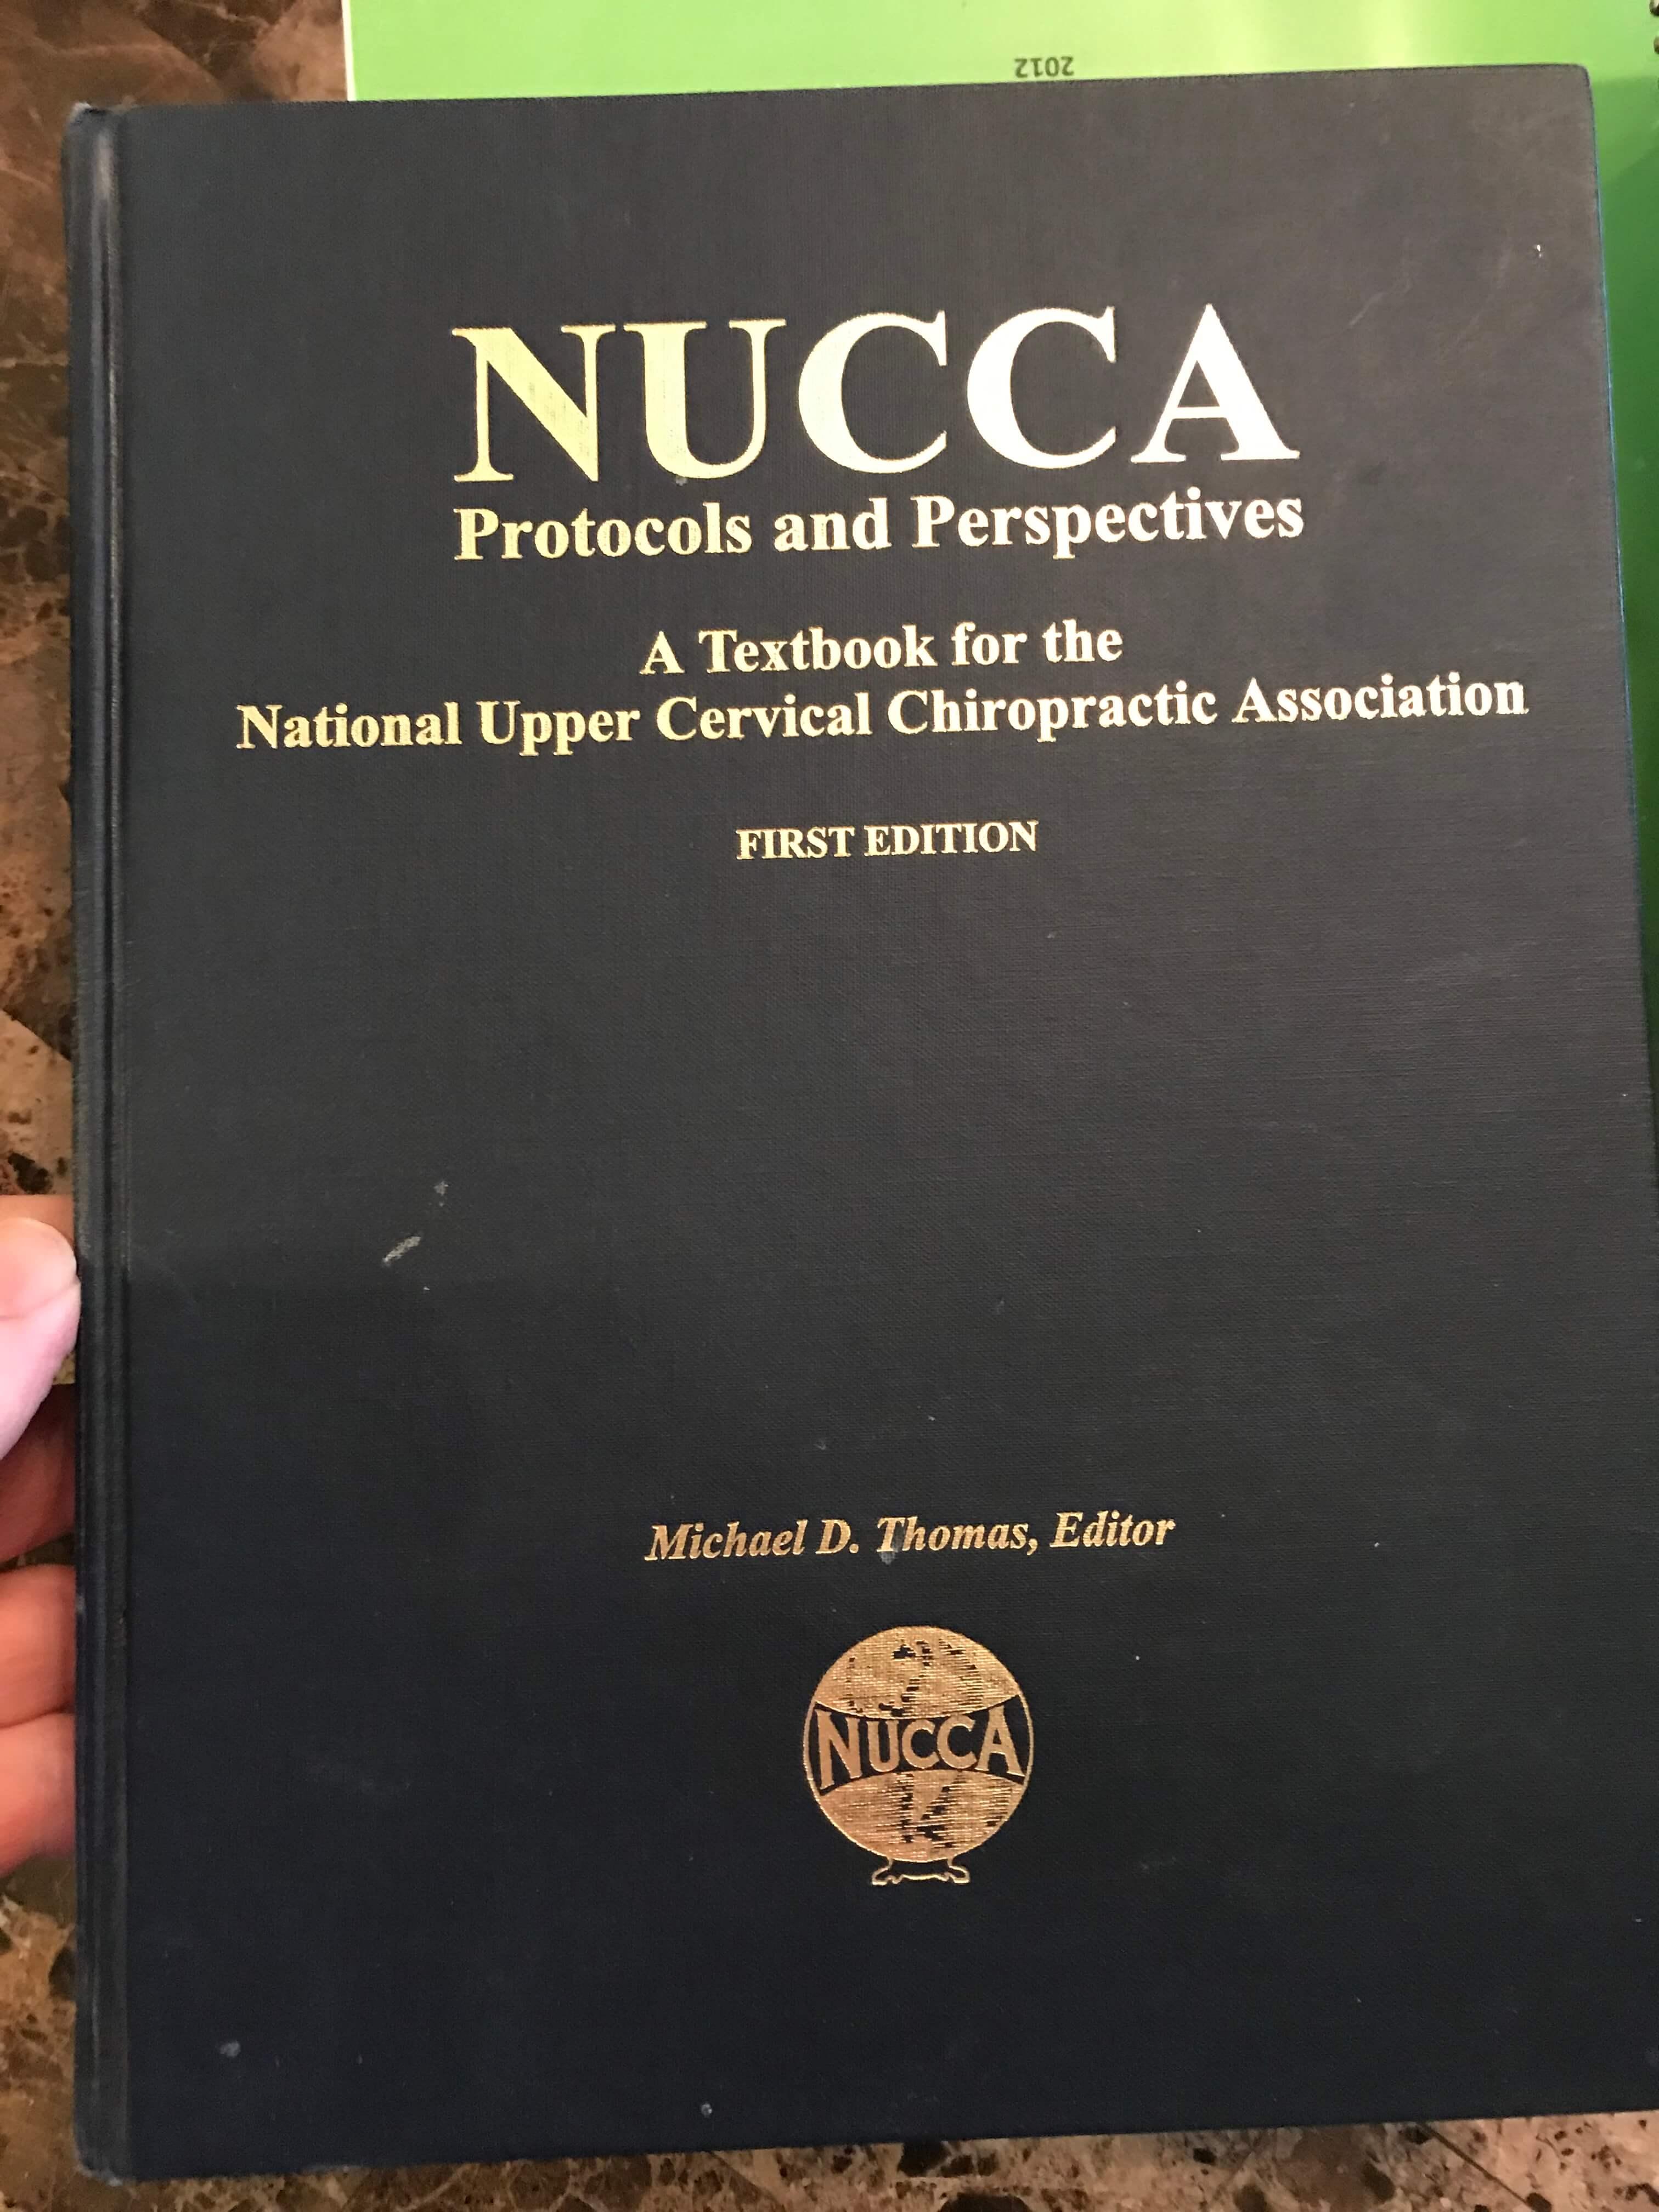 NUCCA textbook